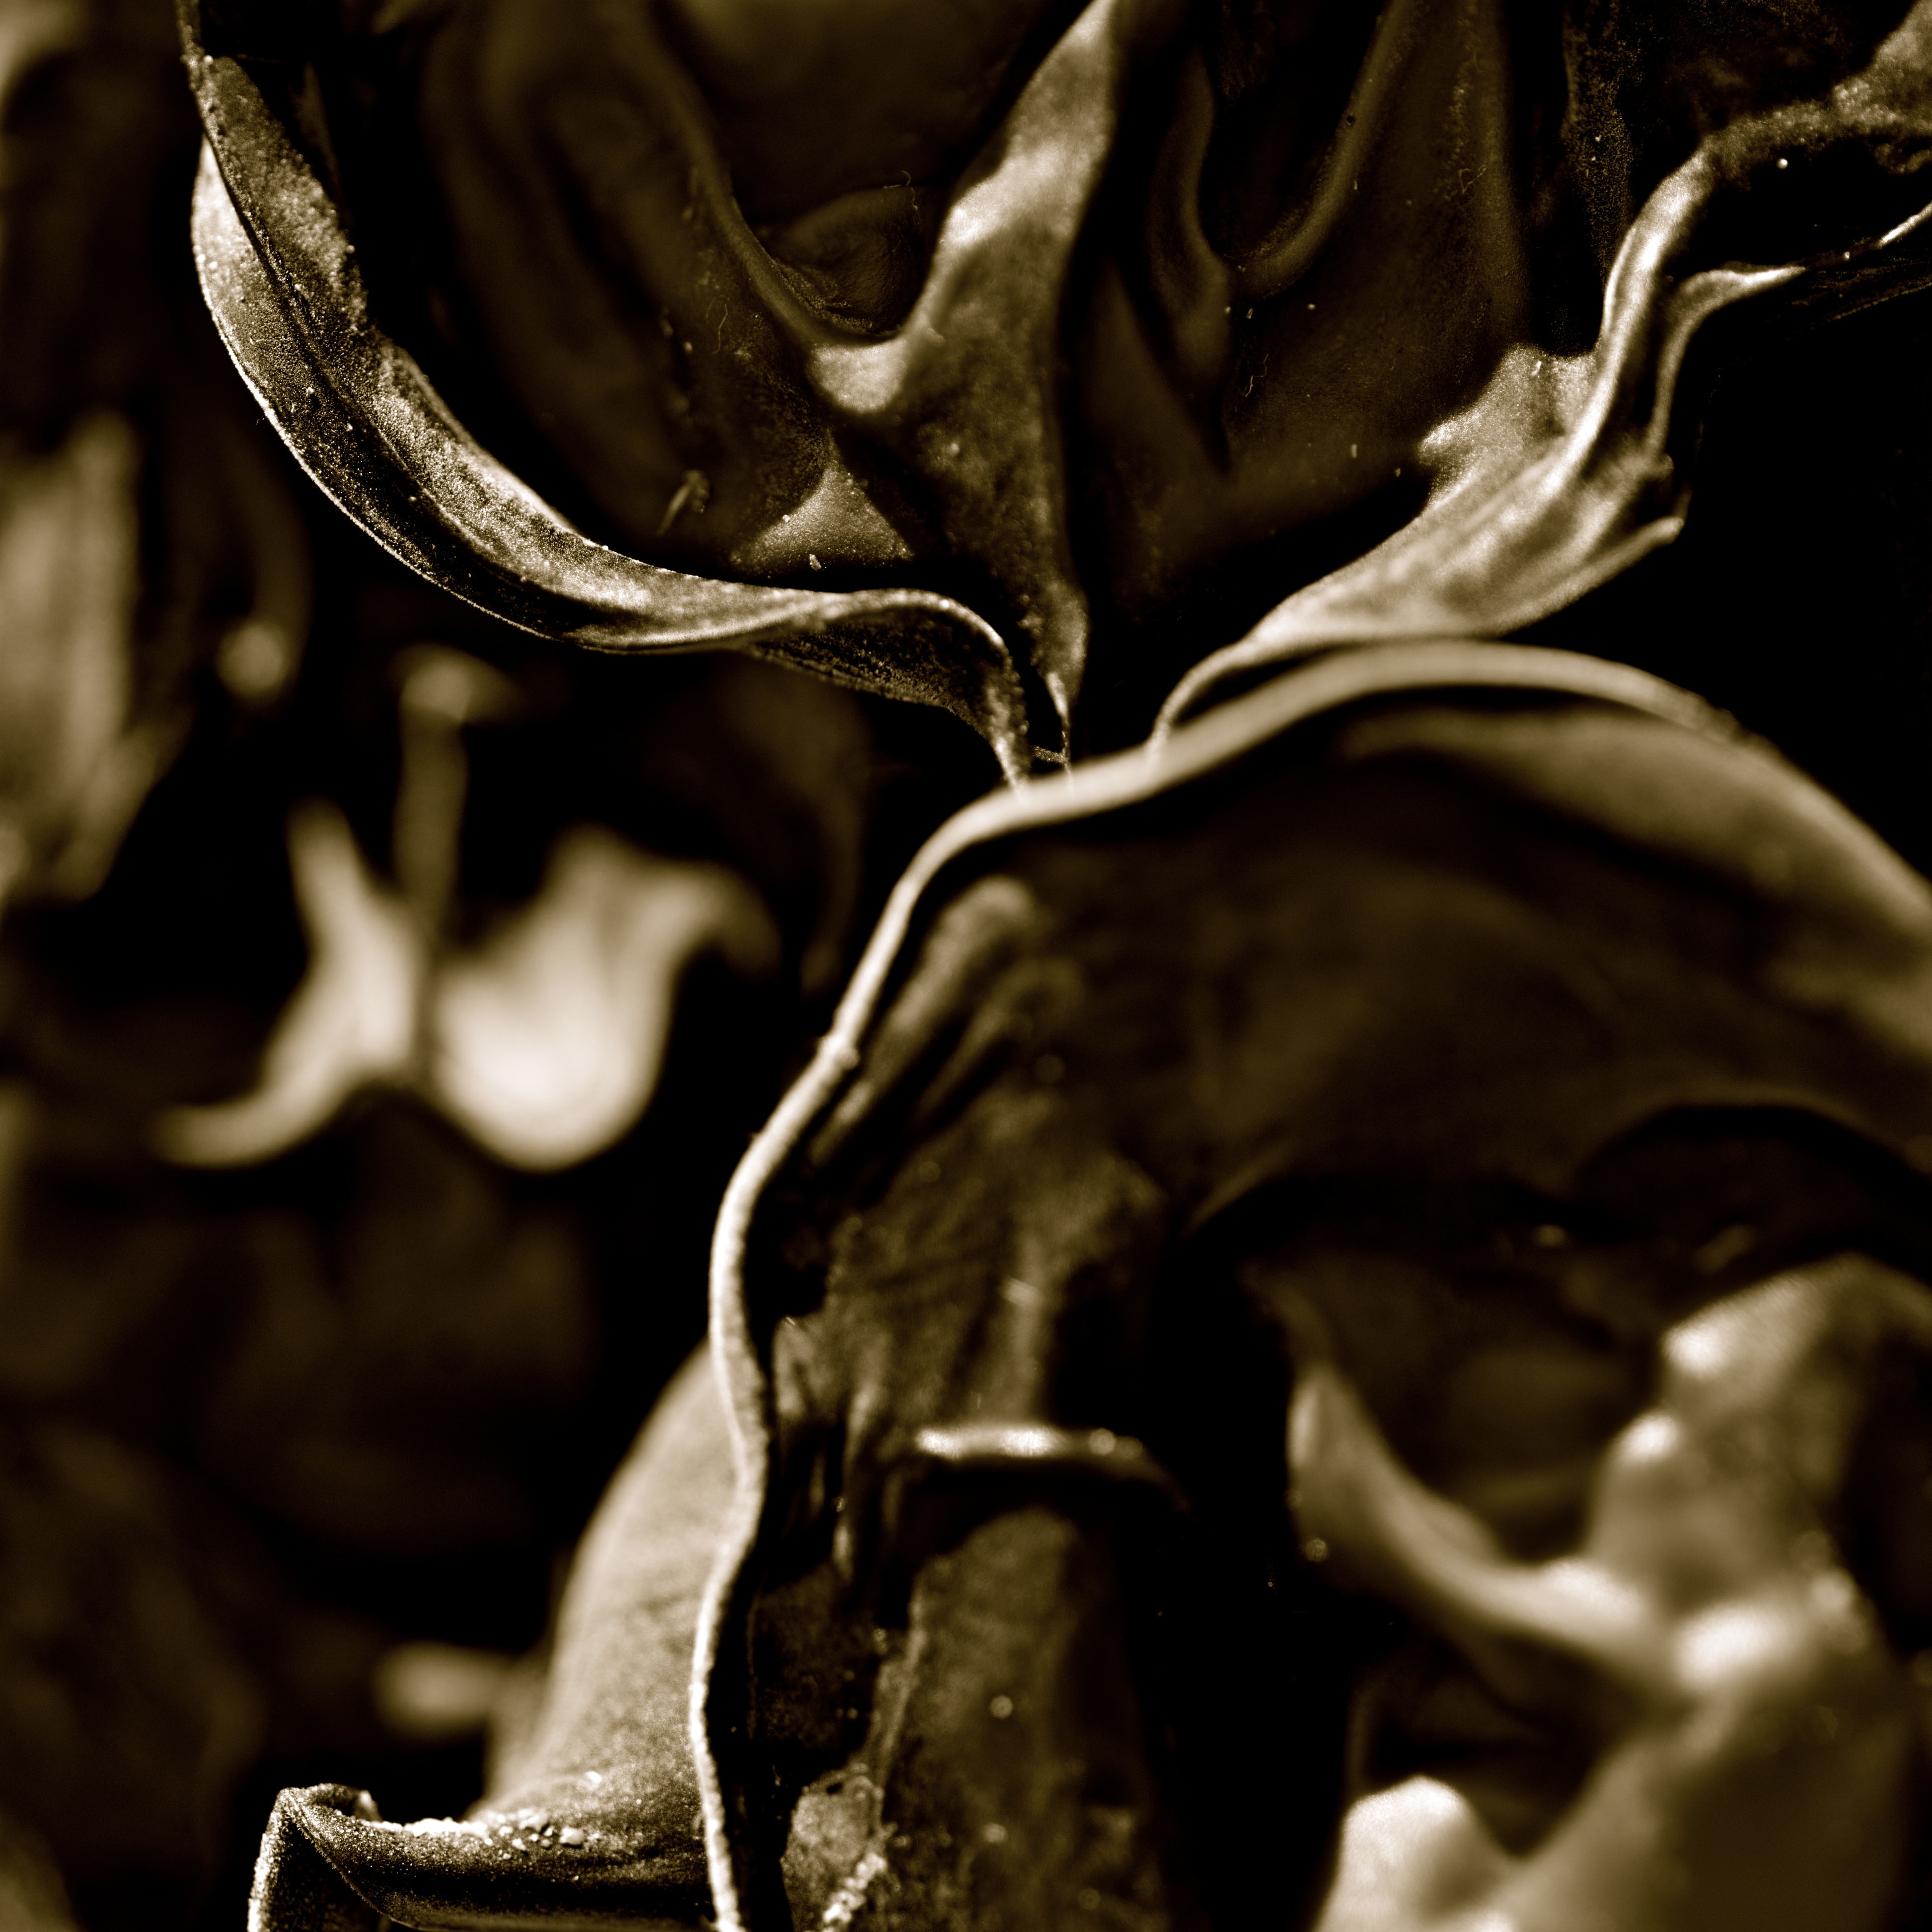 Fungus brunus